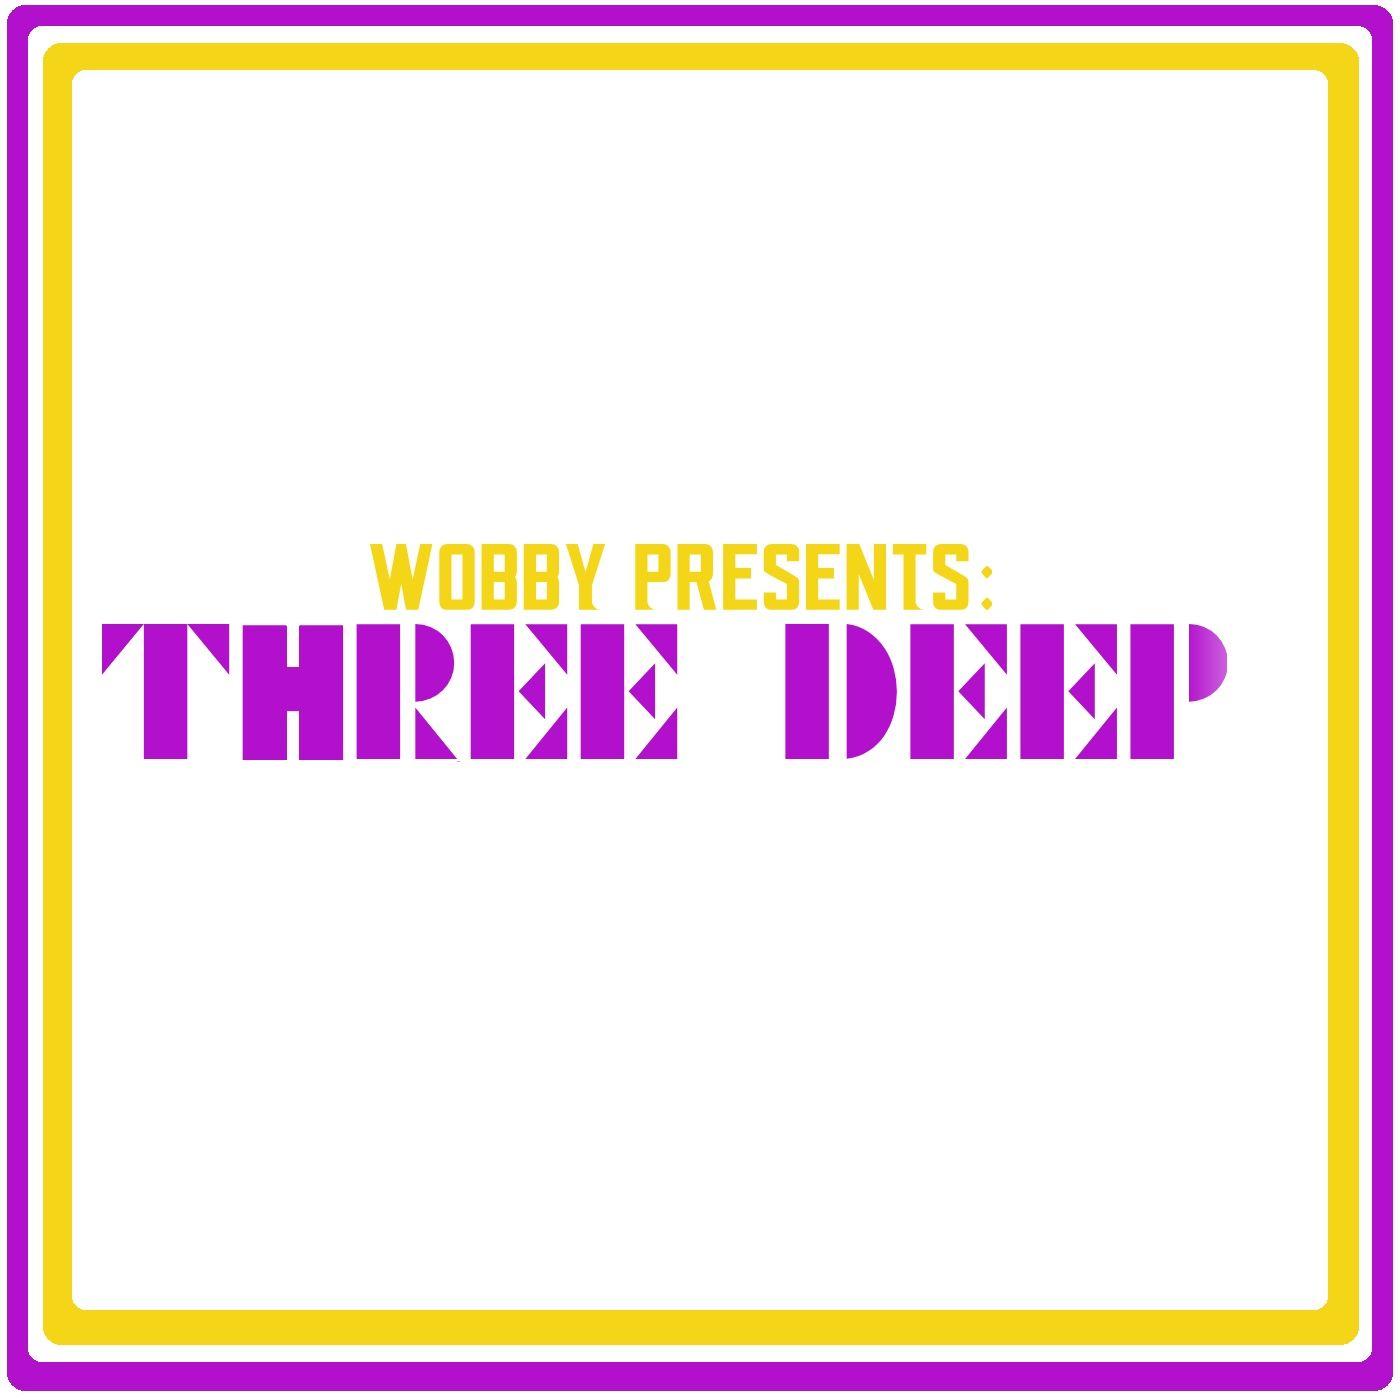 Three Deep w/ Wobby - The Bye Week w/ Bryant McKinnie